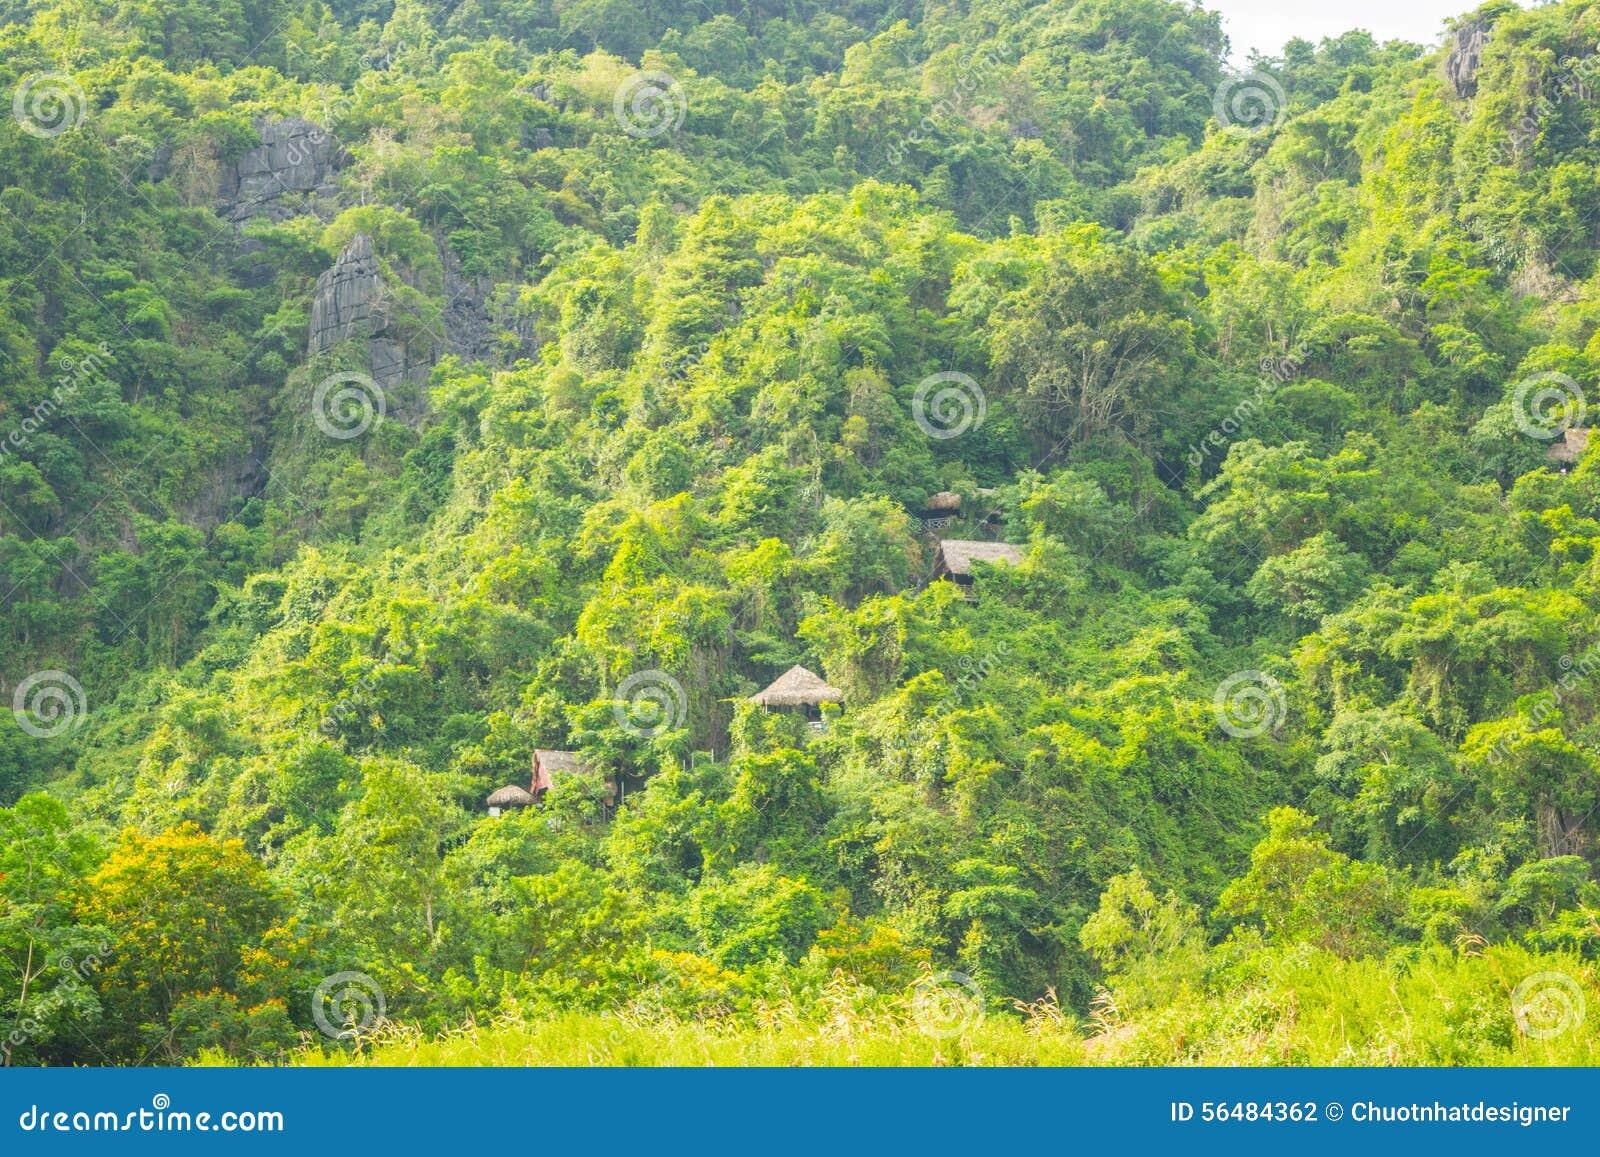 Chambre sur la forêt pour transporter des touristes à la caverne de Phong Nha, Phong Nha - le KE frappent le parc national, Viet